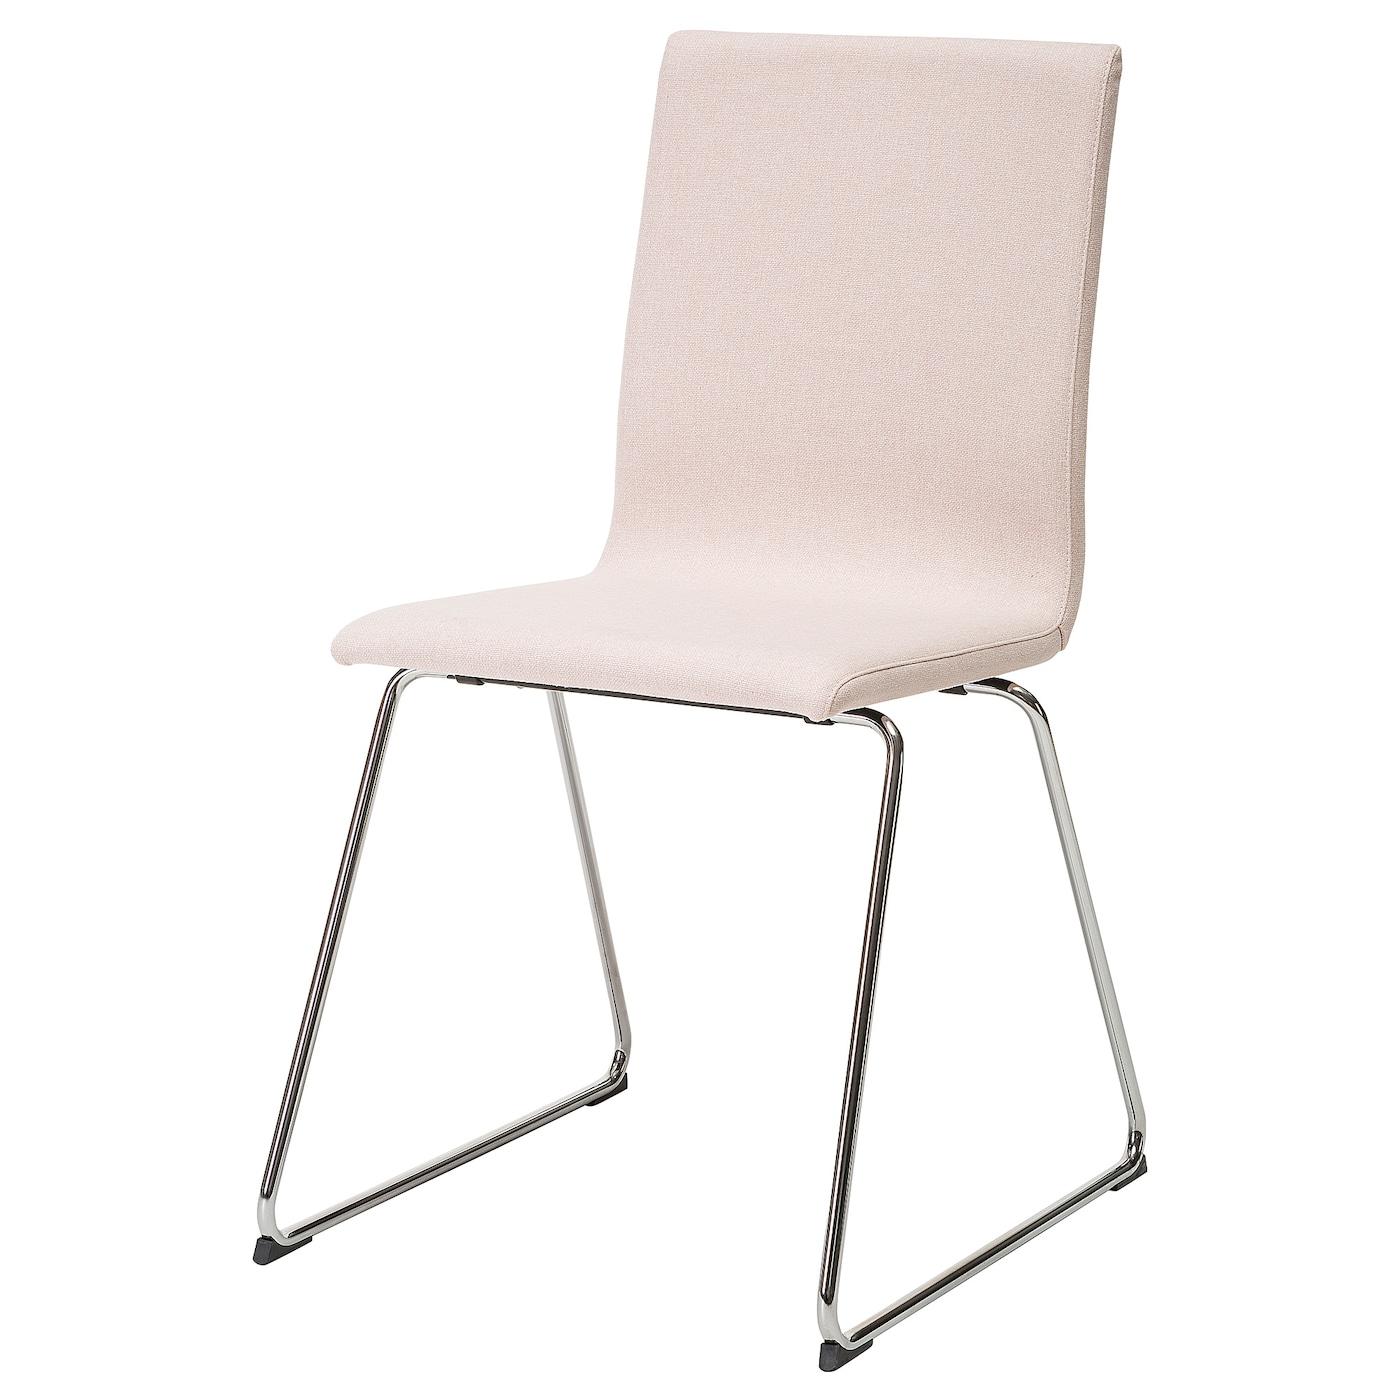 Sillas de comedor compra online ikea - Ikea fundas sillas ...